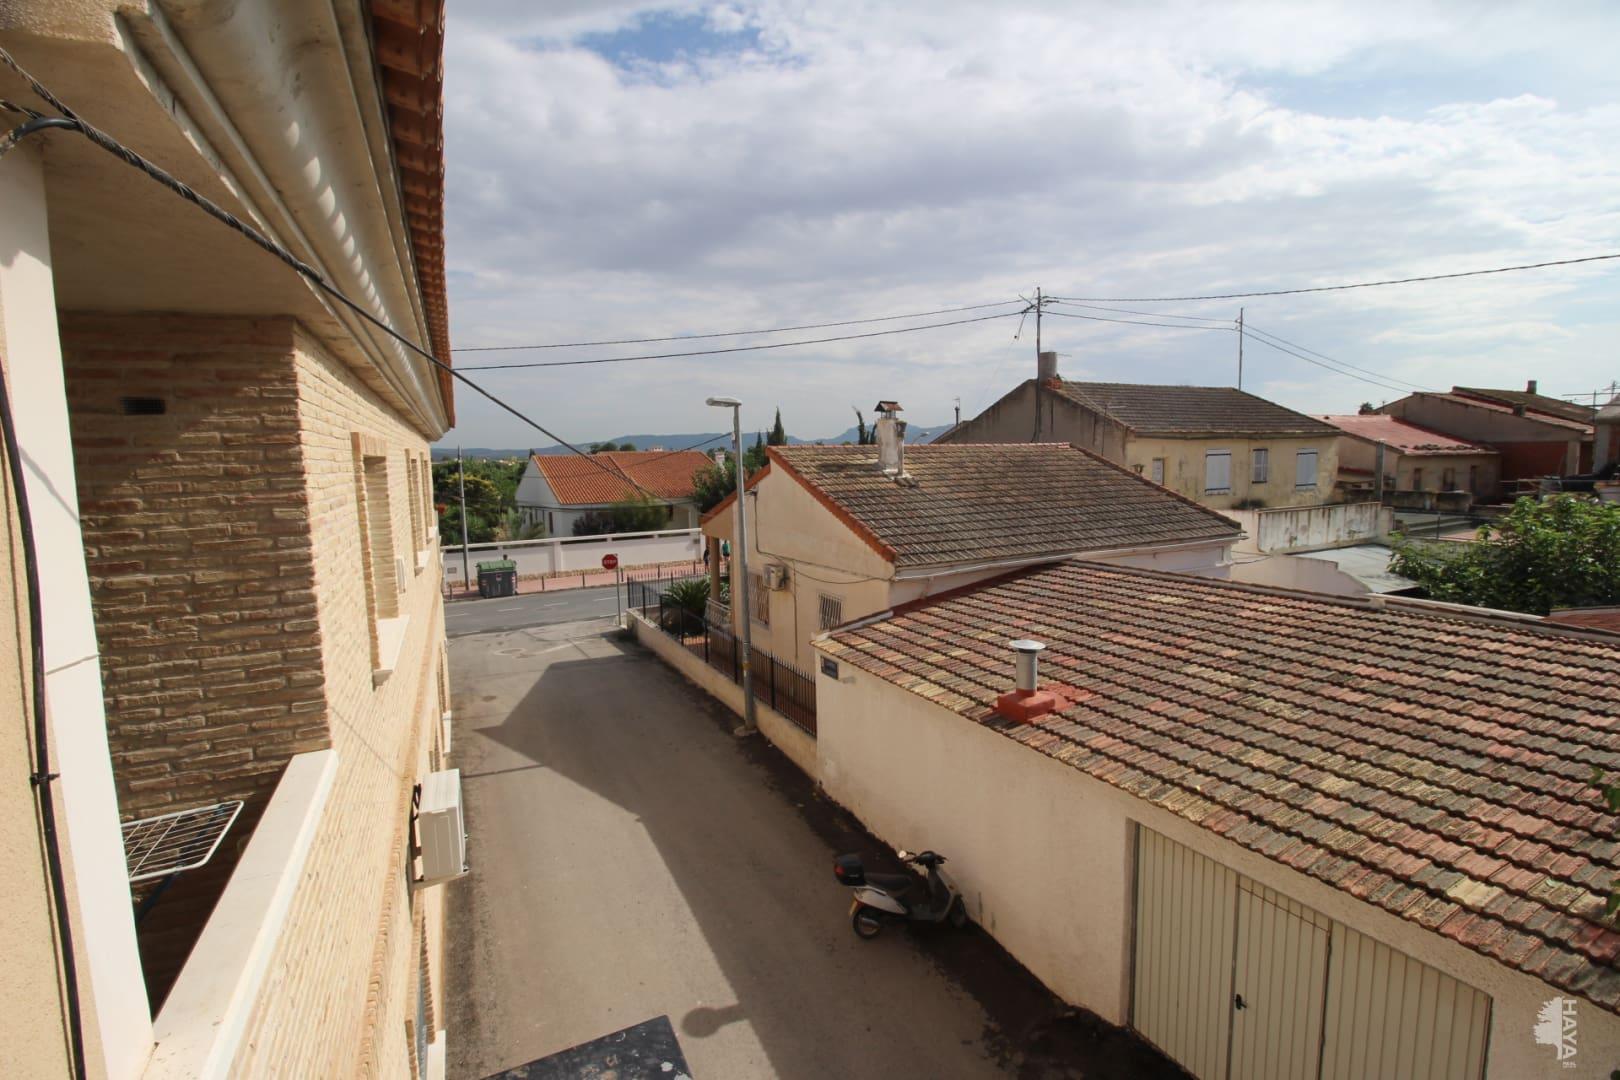 Piso en venta en Murcia, Murcia, Calle Miguel de la Nieves, 98.000 €, 4 habitaciones, 2 baños, 191 m2